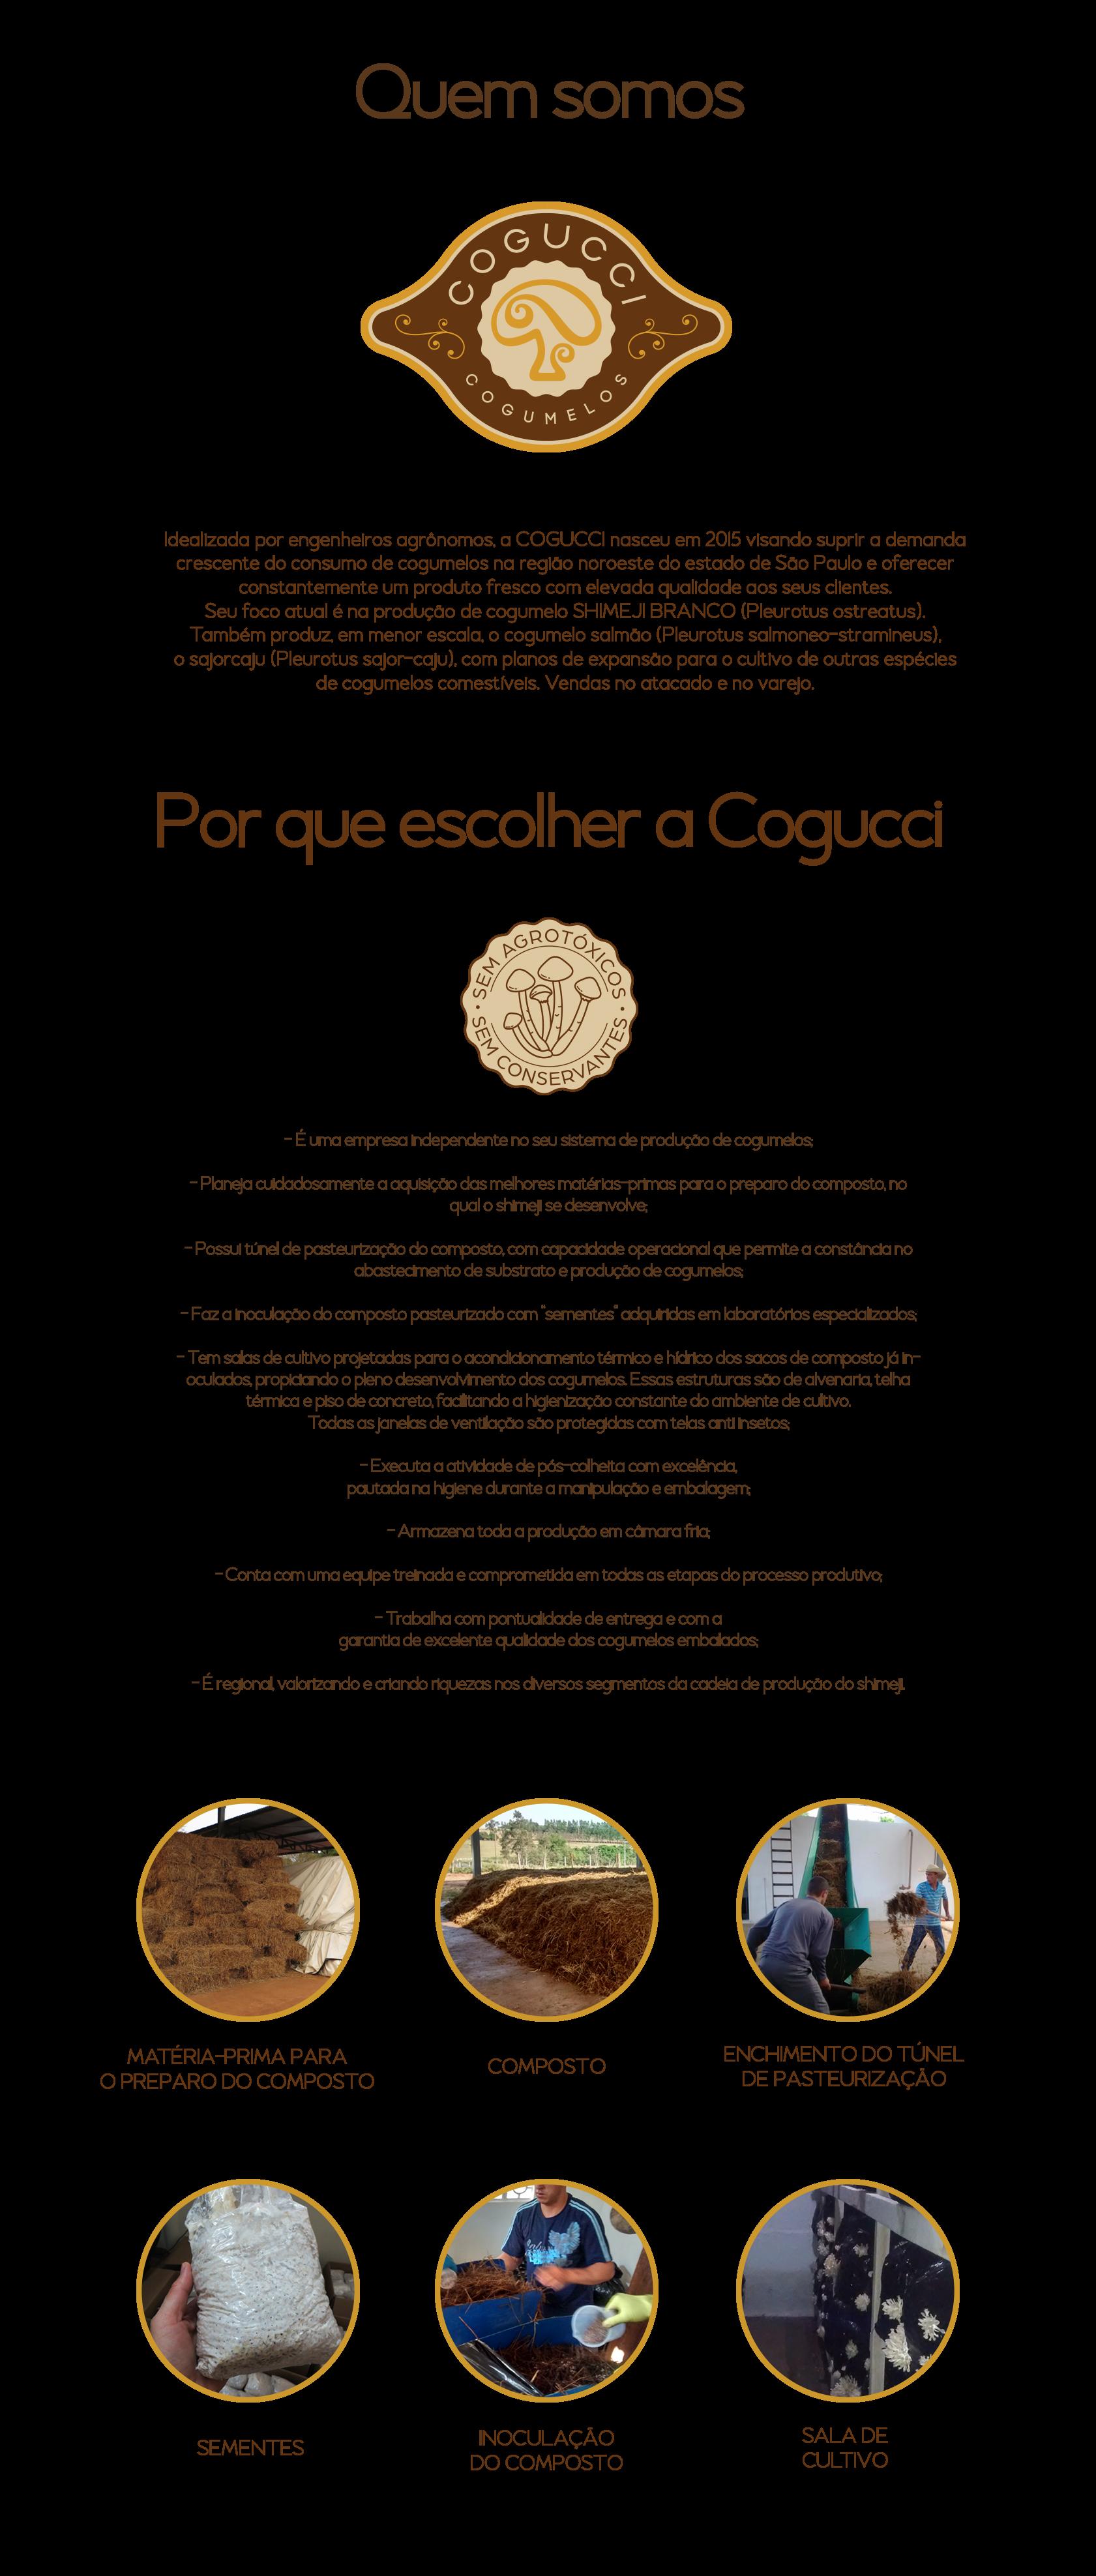 Sobre a Cogucci